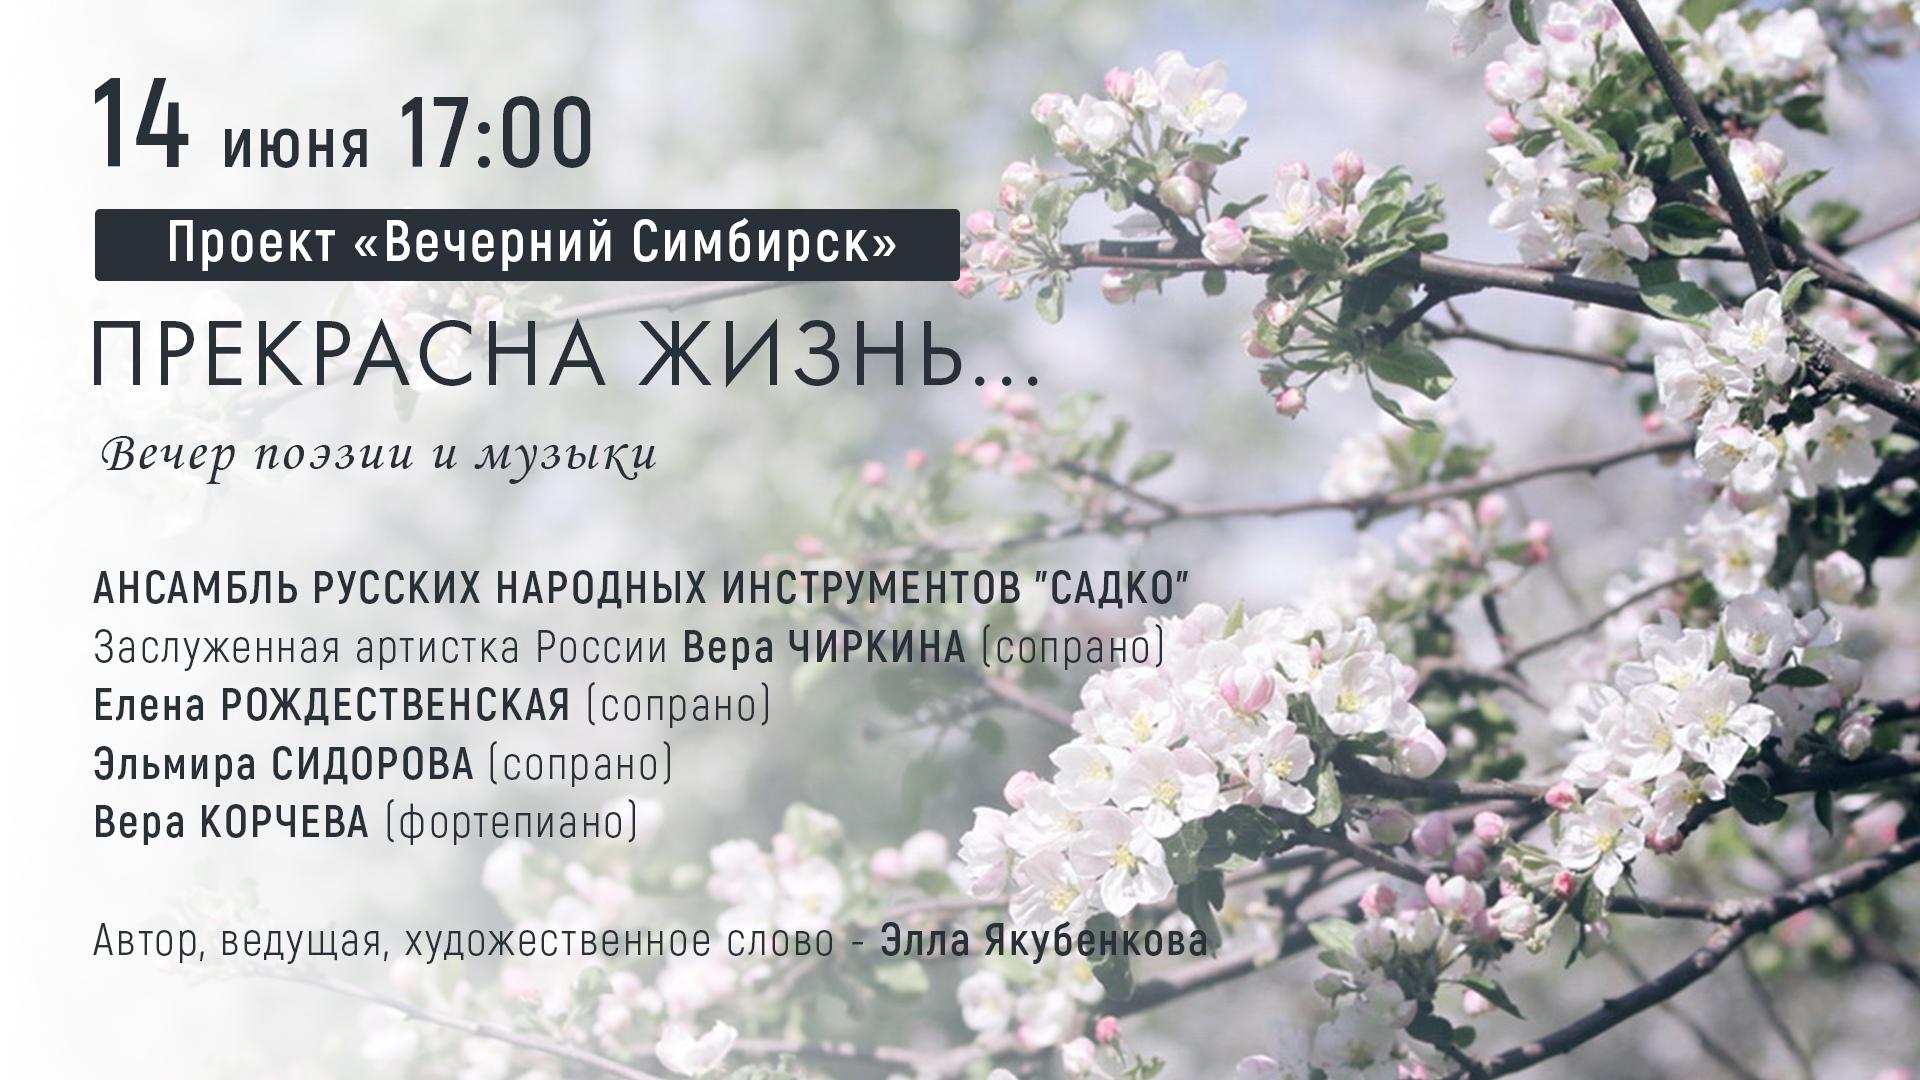 Онлайн проект «Вечерний Симбирск», литературно-музыкальный вечер